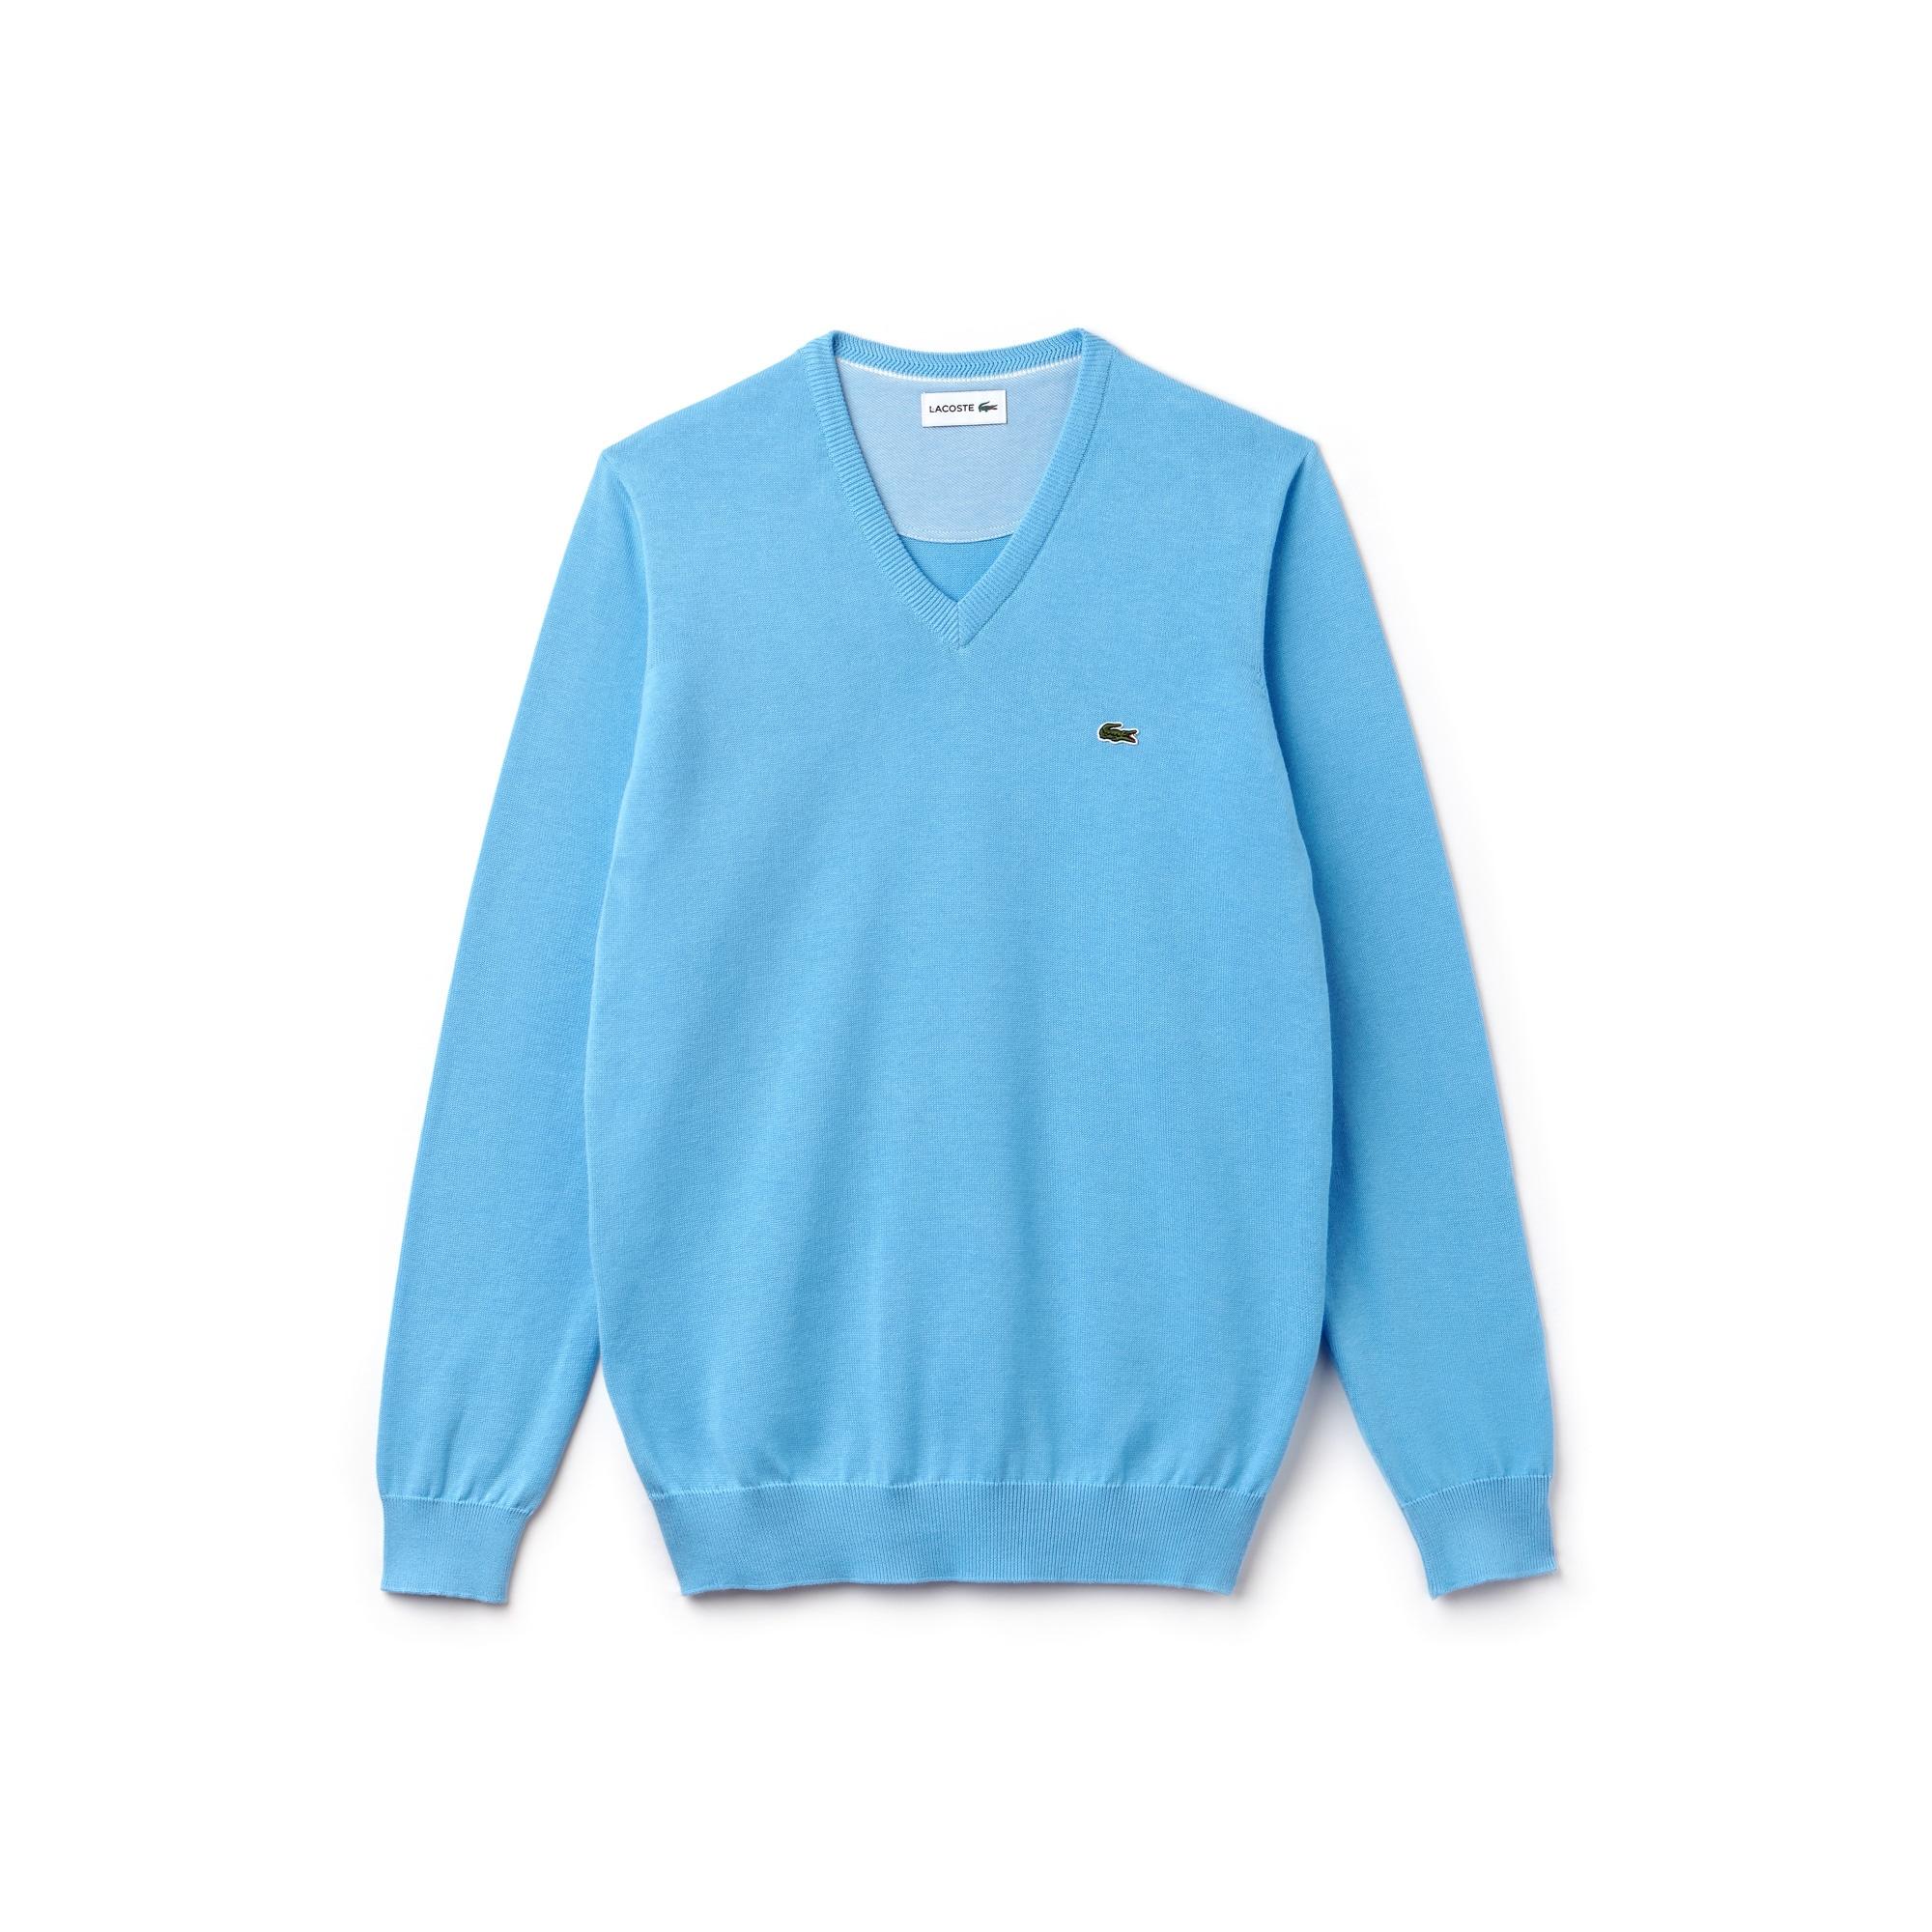 Camisola decote em V em jersey de algodão unicolor e detalhes em piqué caviar